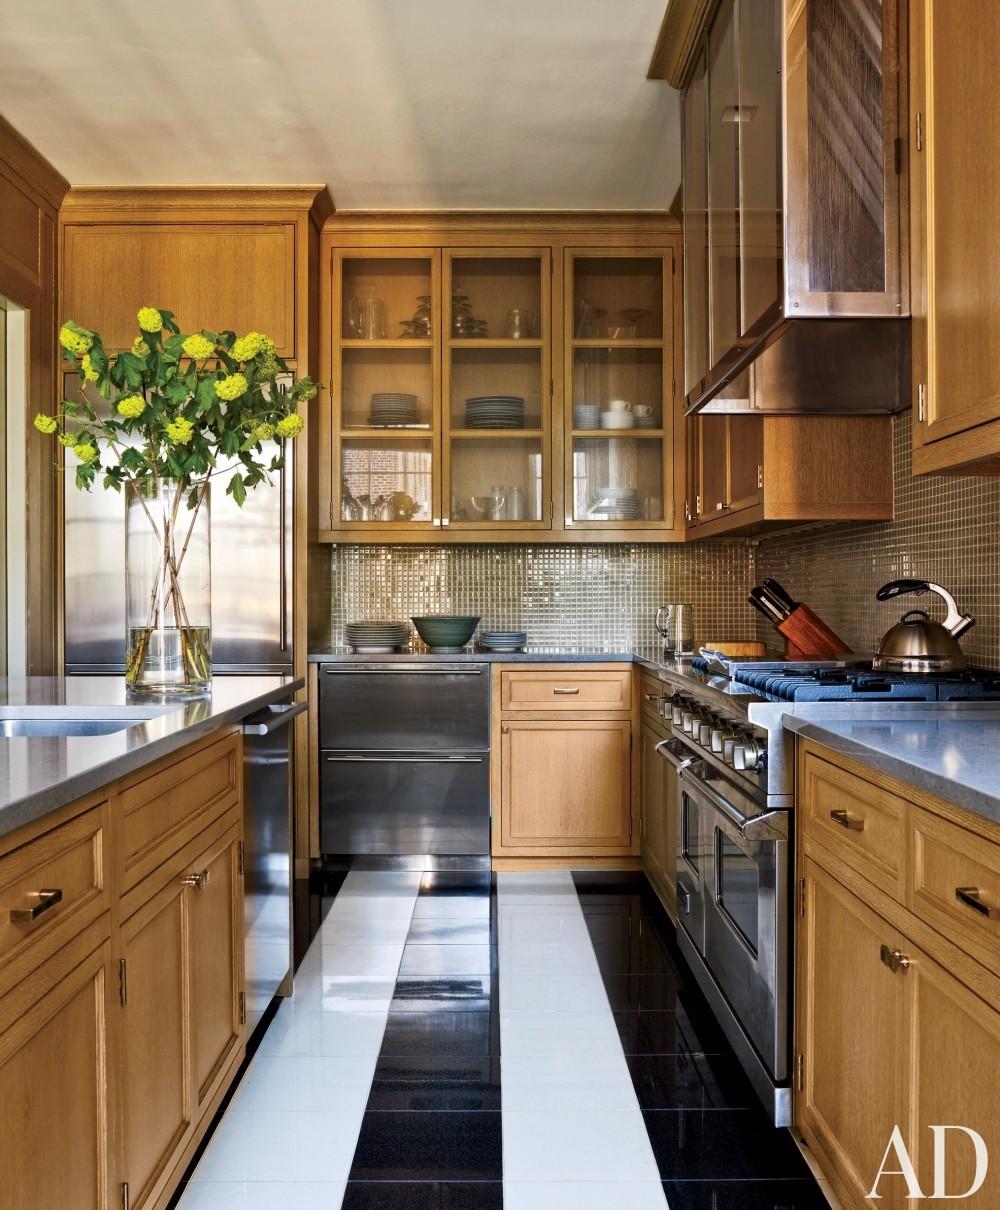 Interior White Floors: AD DesignFile - Home Decorating Photos